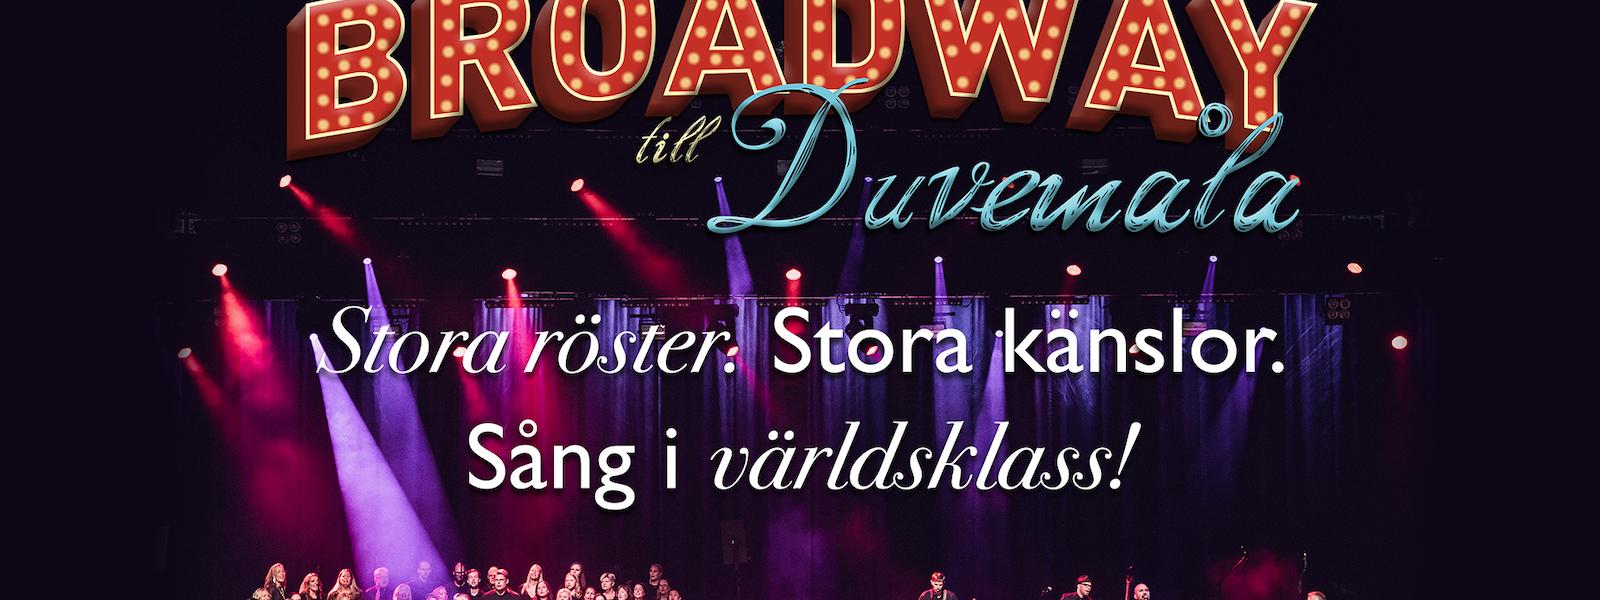 Bild - Från Broadway till Duvemåla